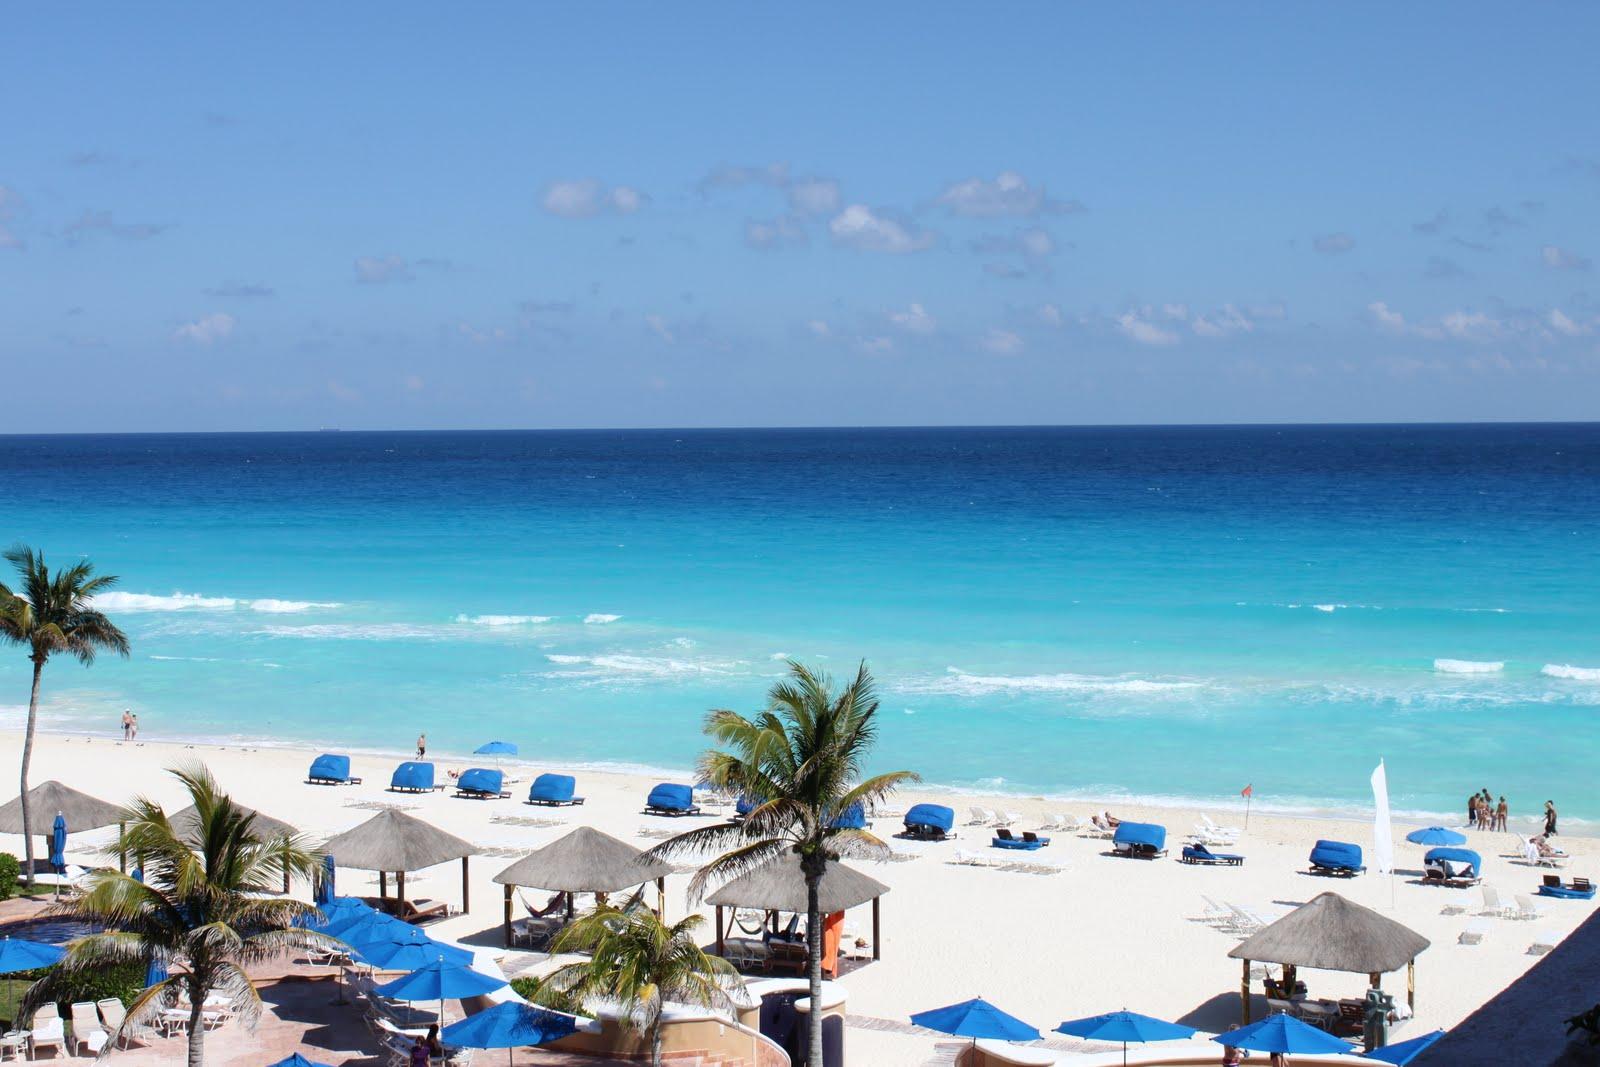 http://4.bp.blogspot.com/-V-b3QDcL0aM/Troo4aGt8JI/AAAAAAAAEAE/_04QGcm2zgQ/s1600/Cancun+Mexico+%25282%2529.jpg